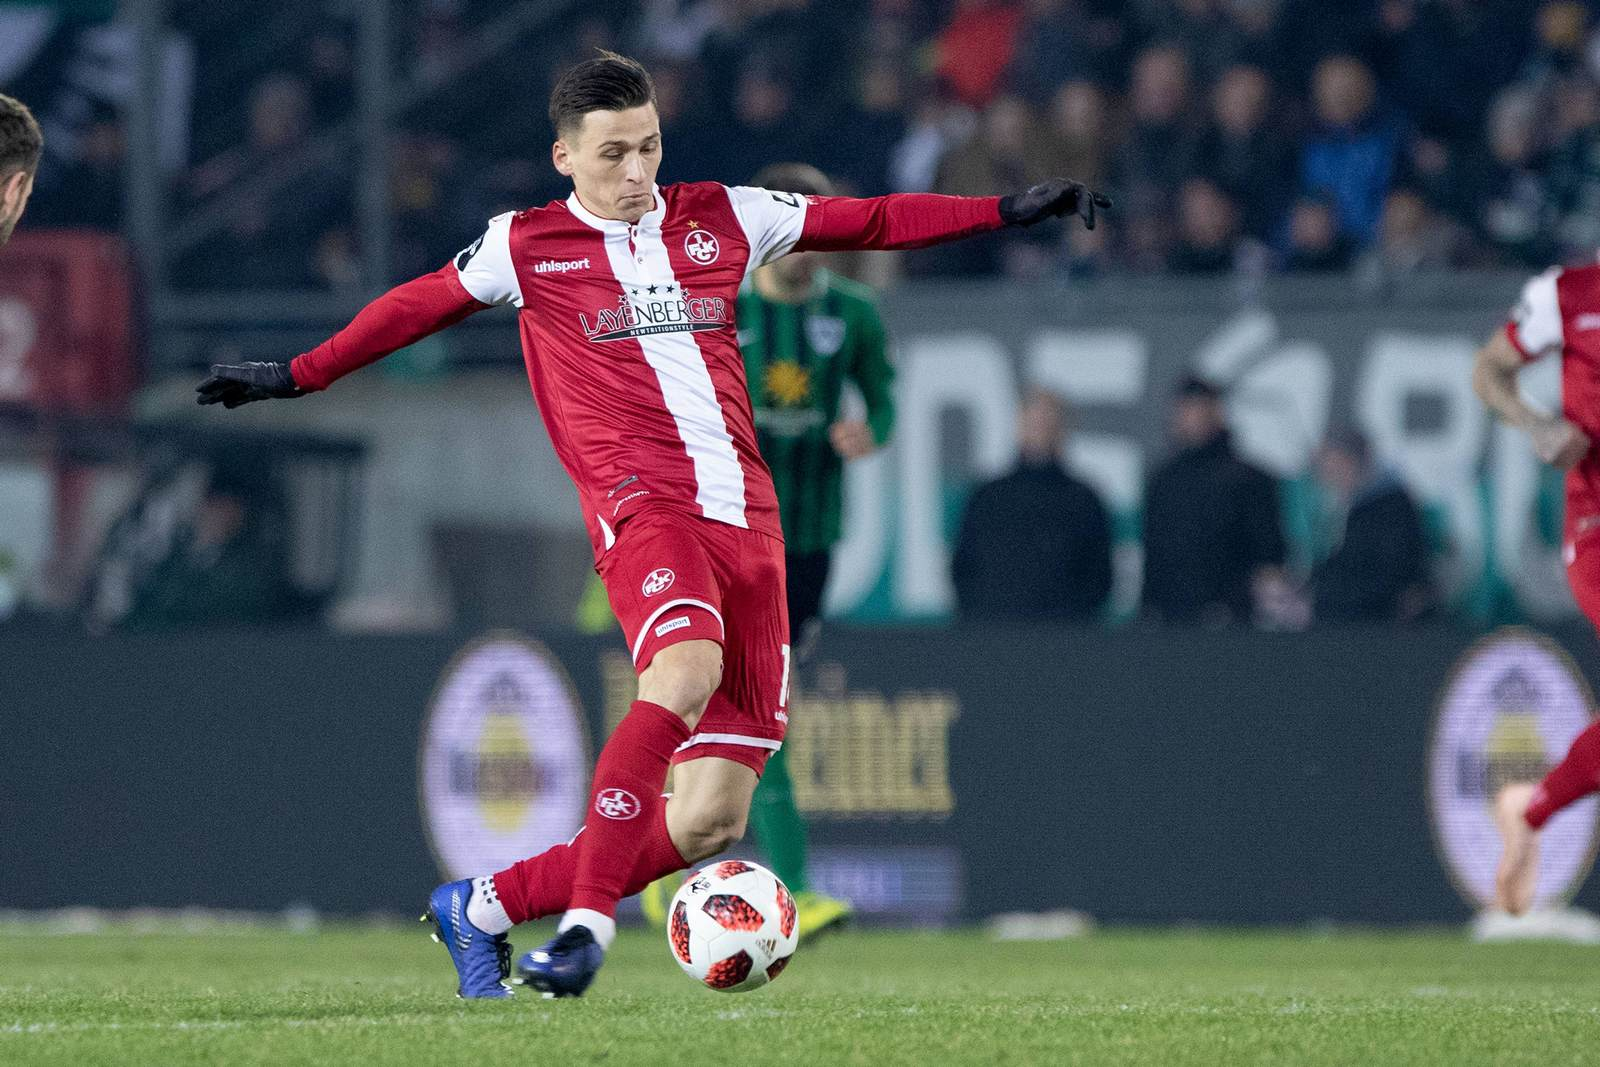 Theodor Bergmann am Ball für den FCK